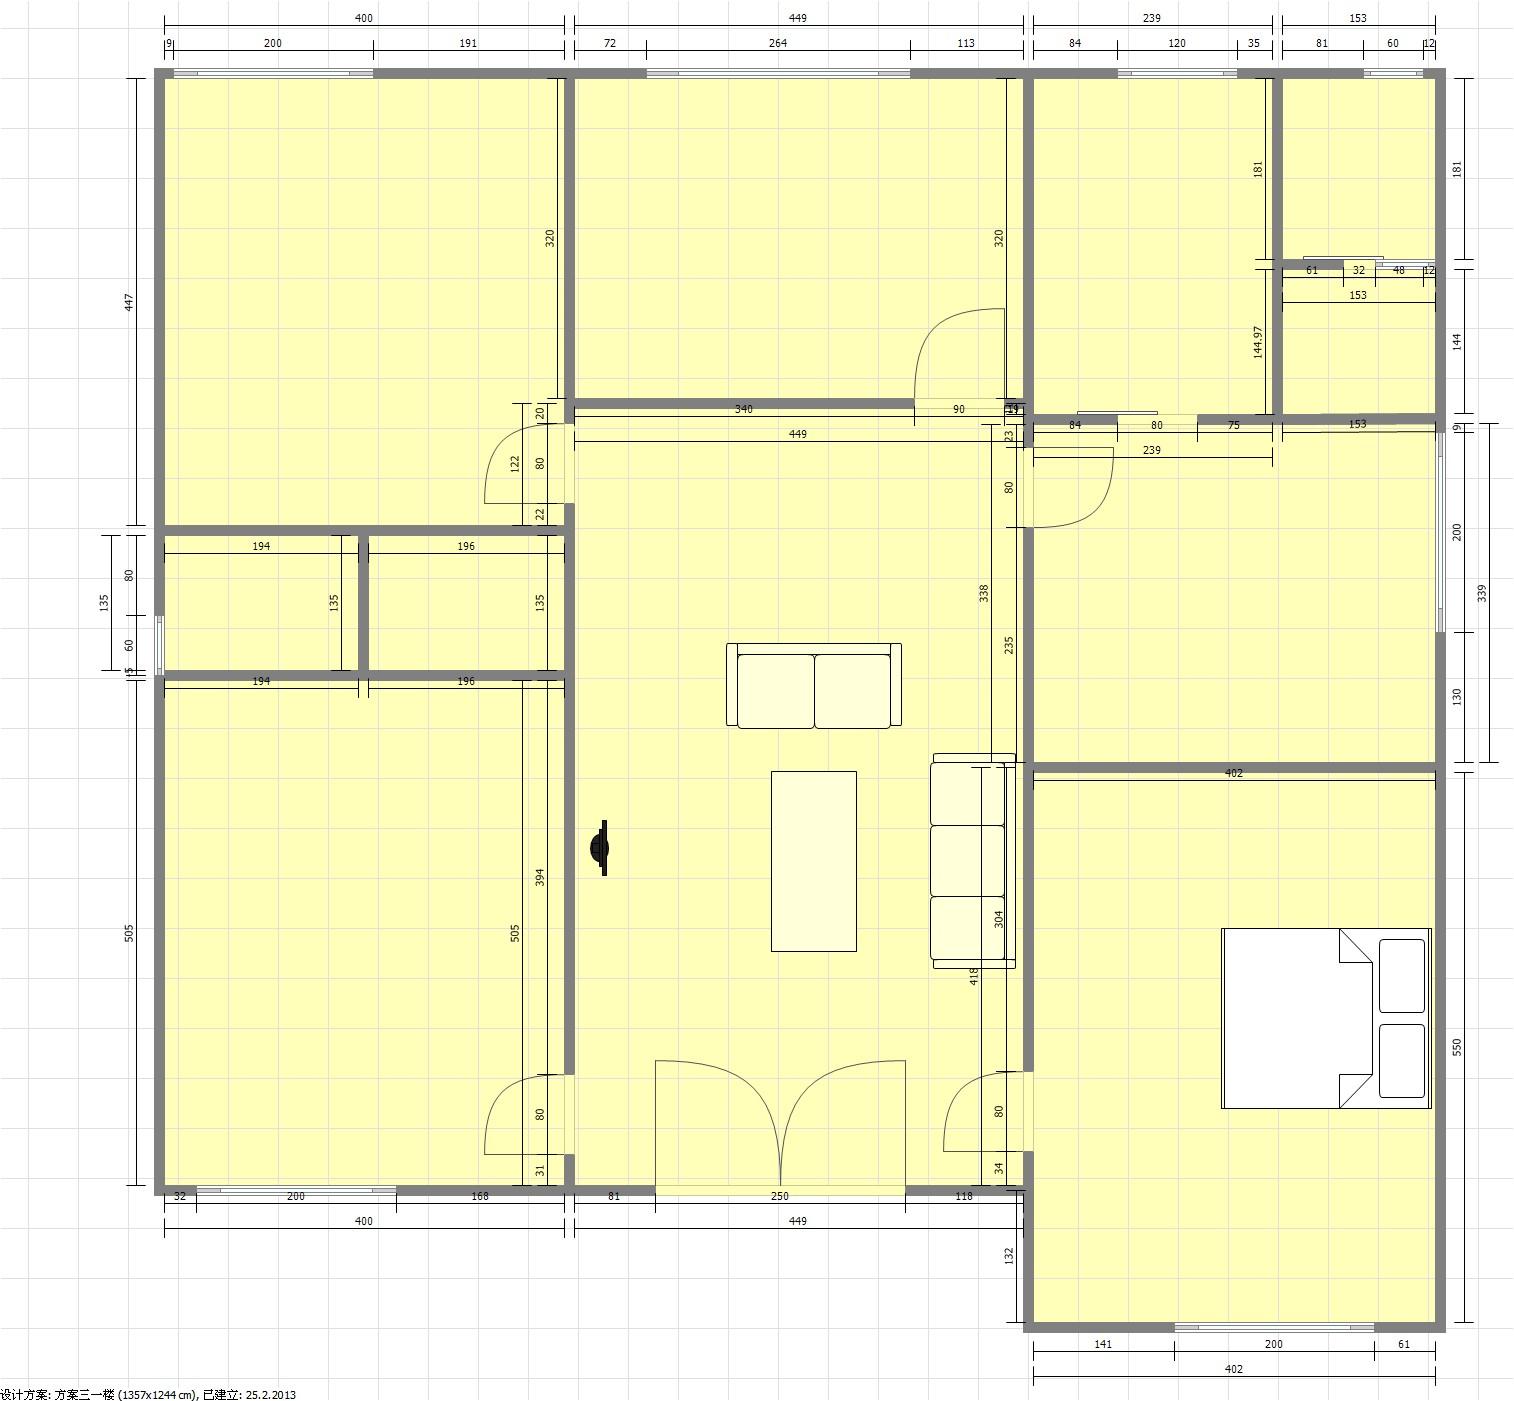 新农村住宅户型平面设计图 农村